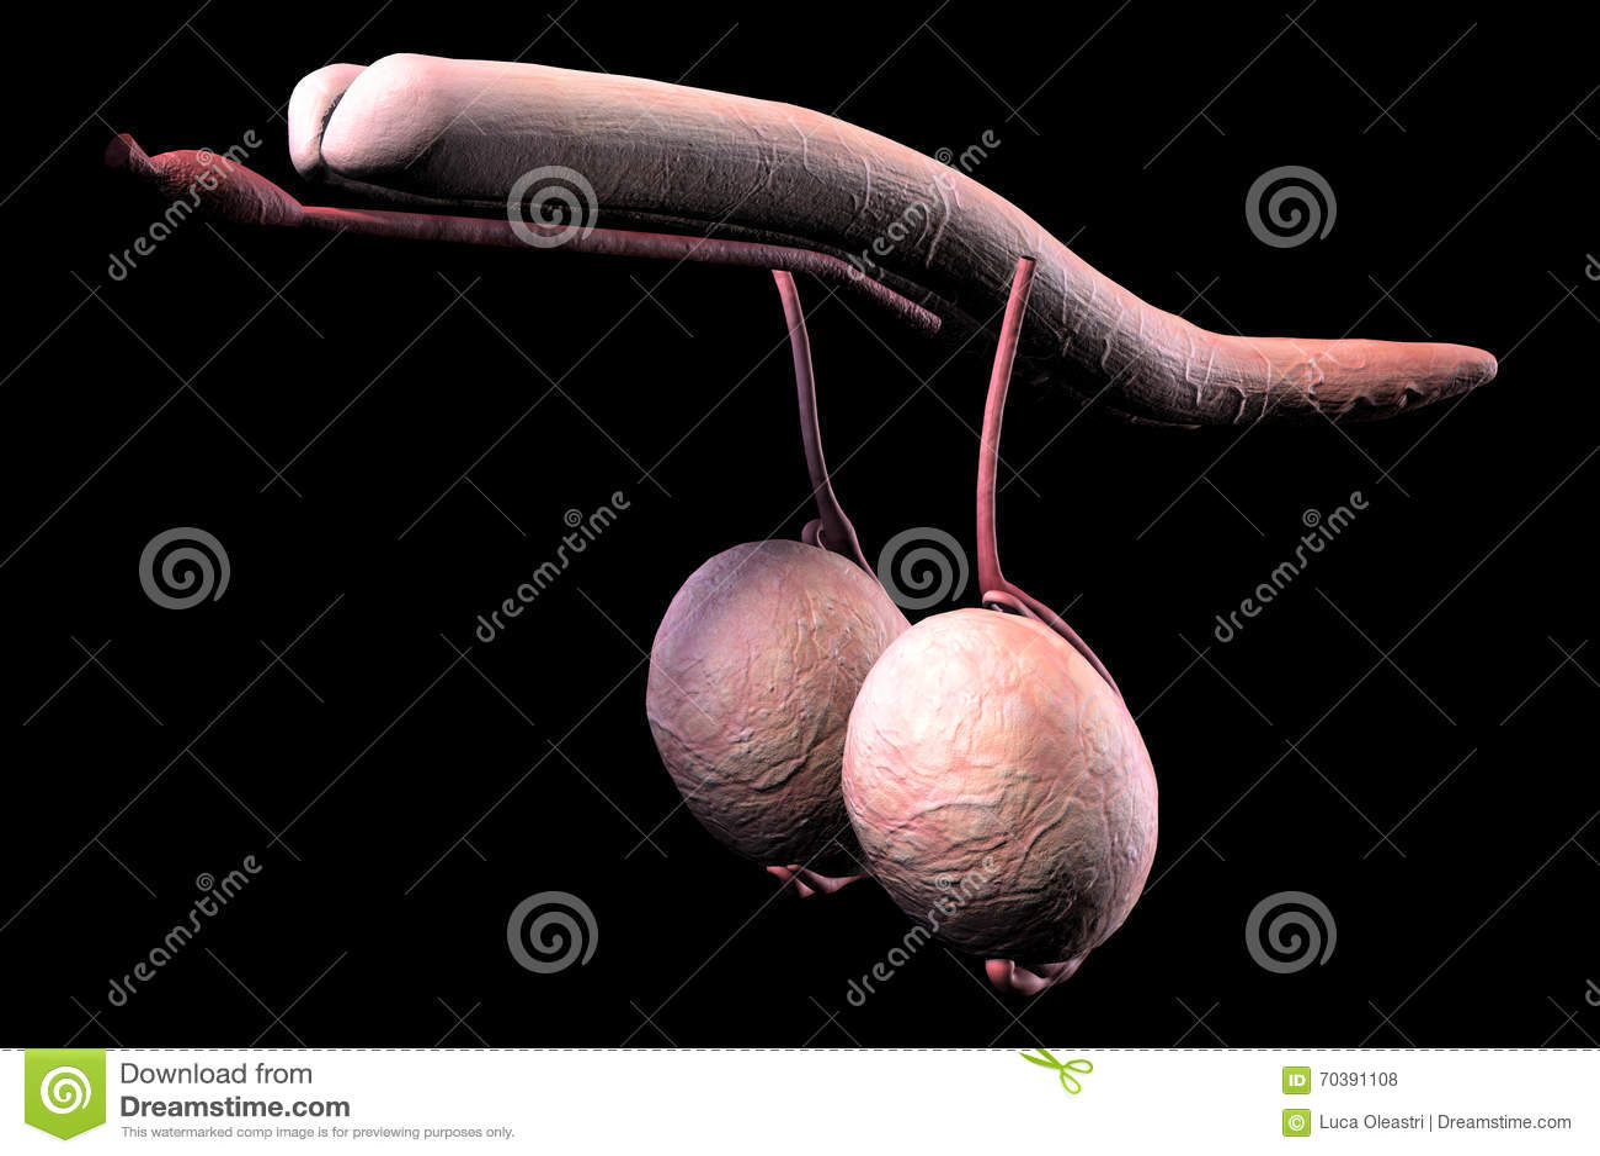 Menschliche Männliche Penisinnere Organe Stock Abbildung ...